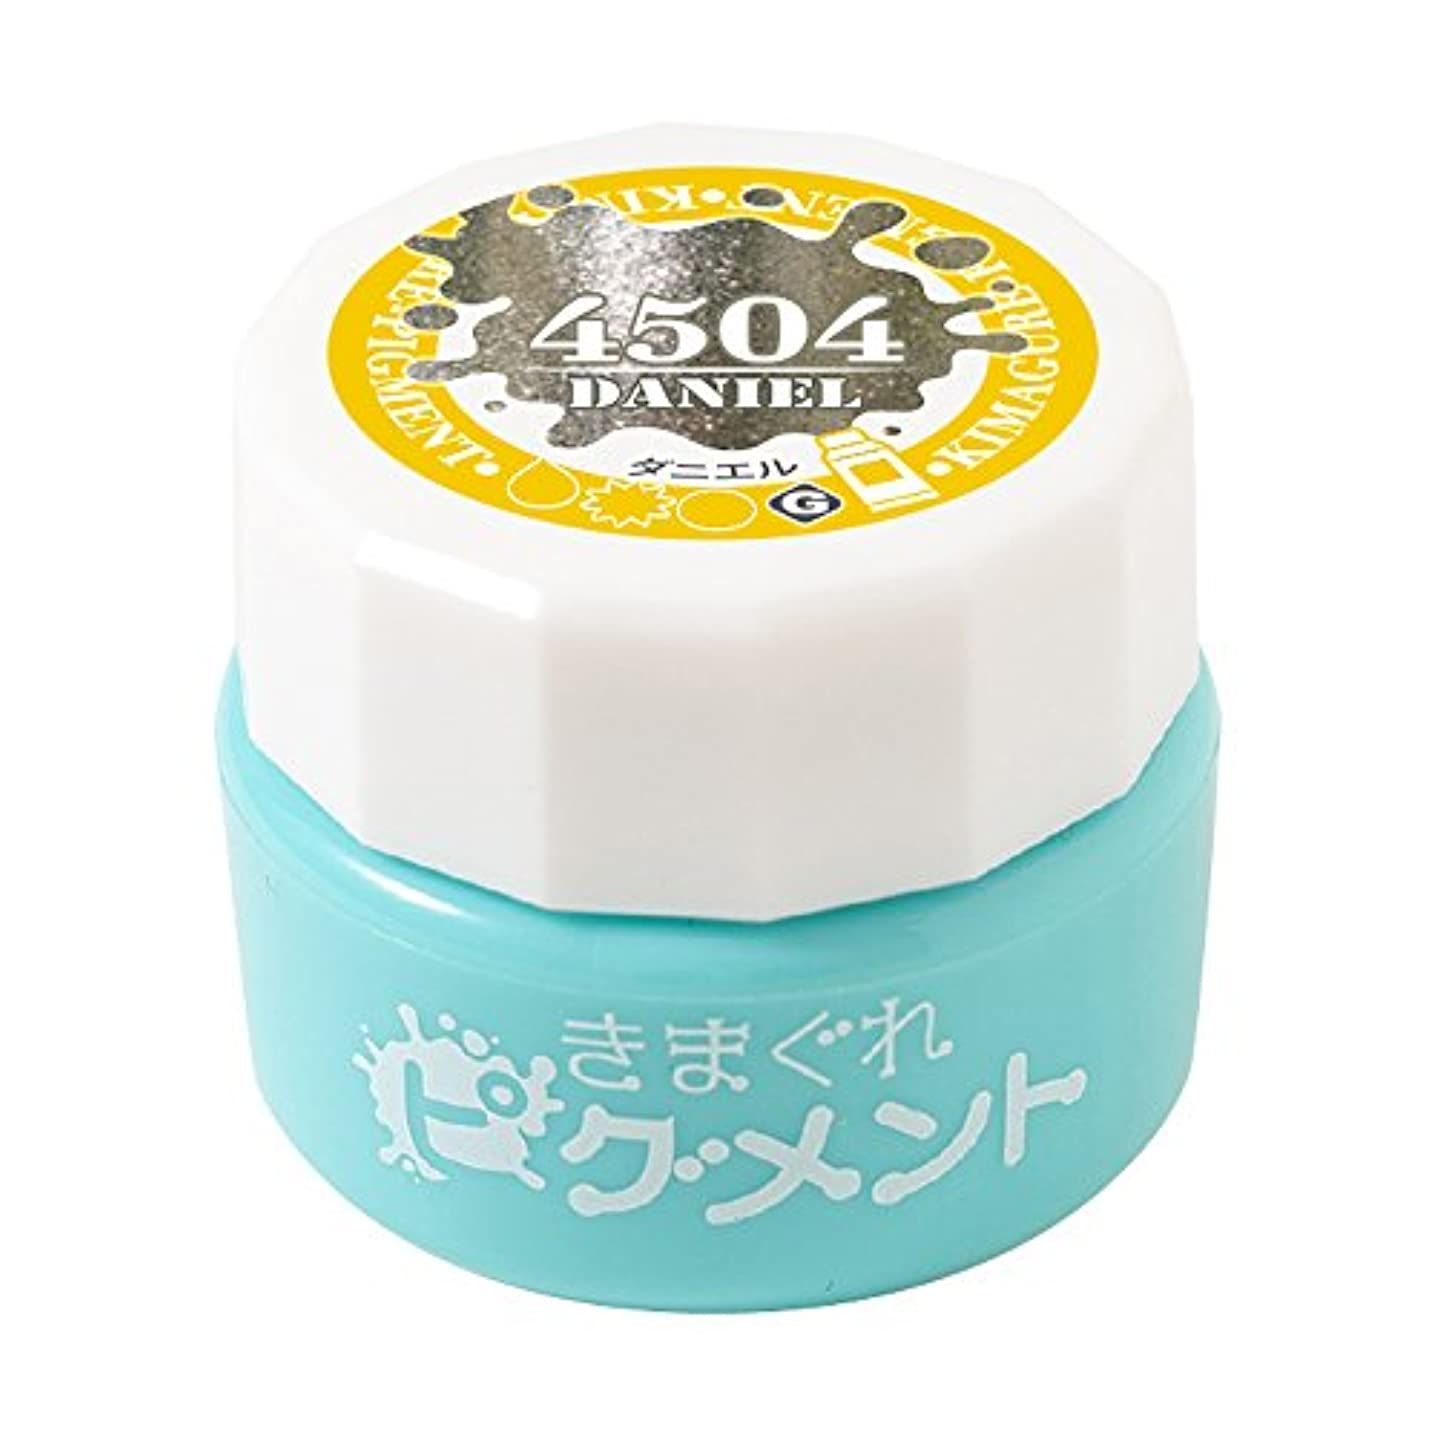 味わう冷ややかな副産物Bettygel きまぐれピグメント ダニエル QYJ-4504 4g UV/LED対応